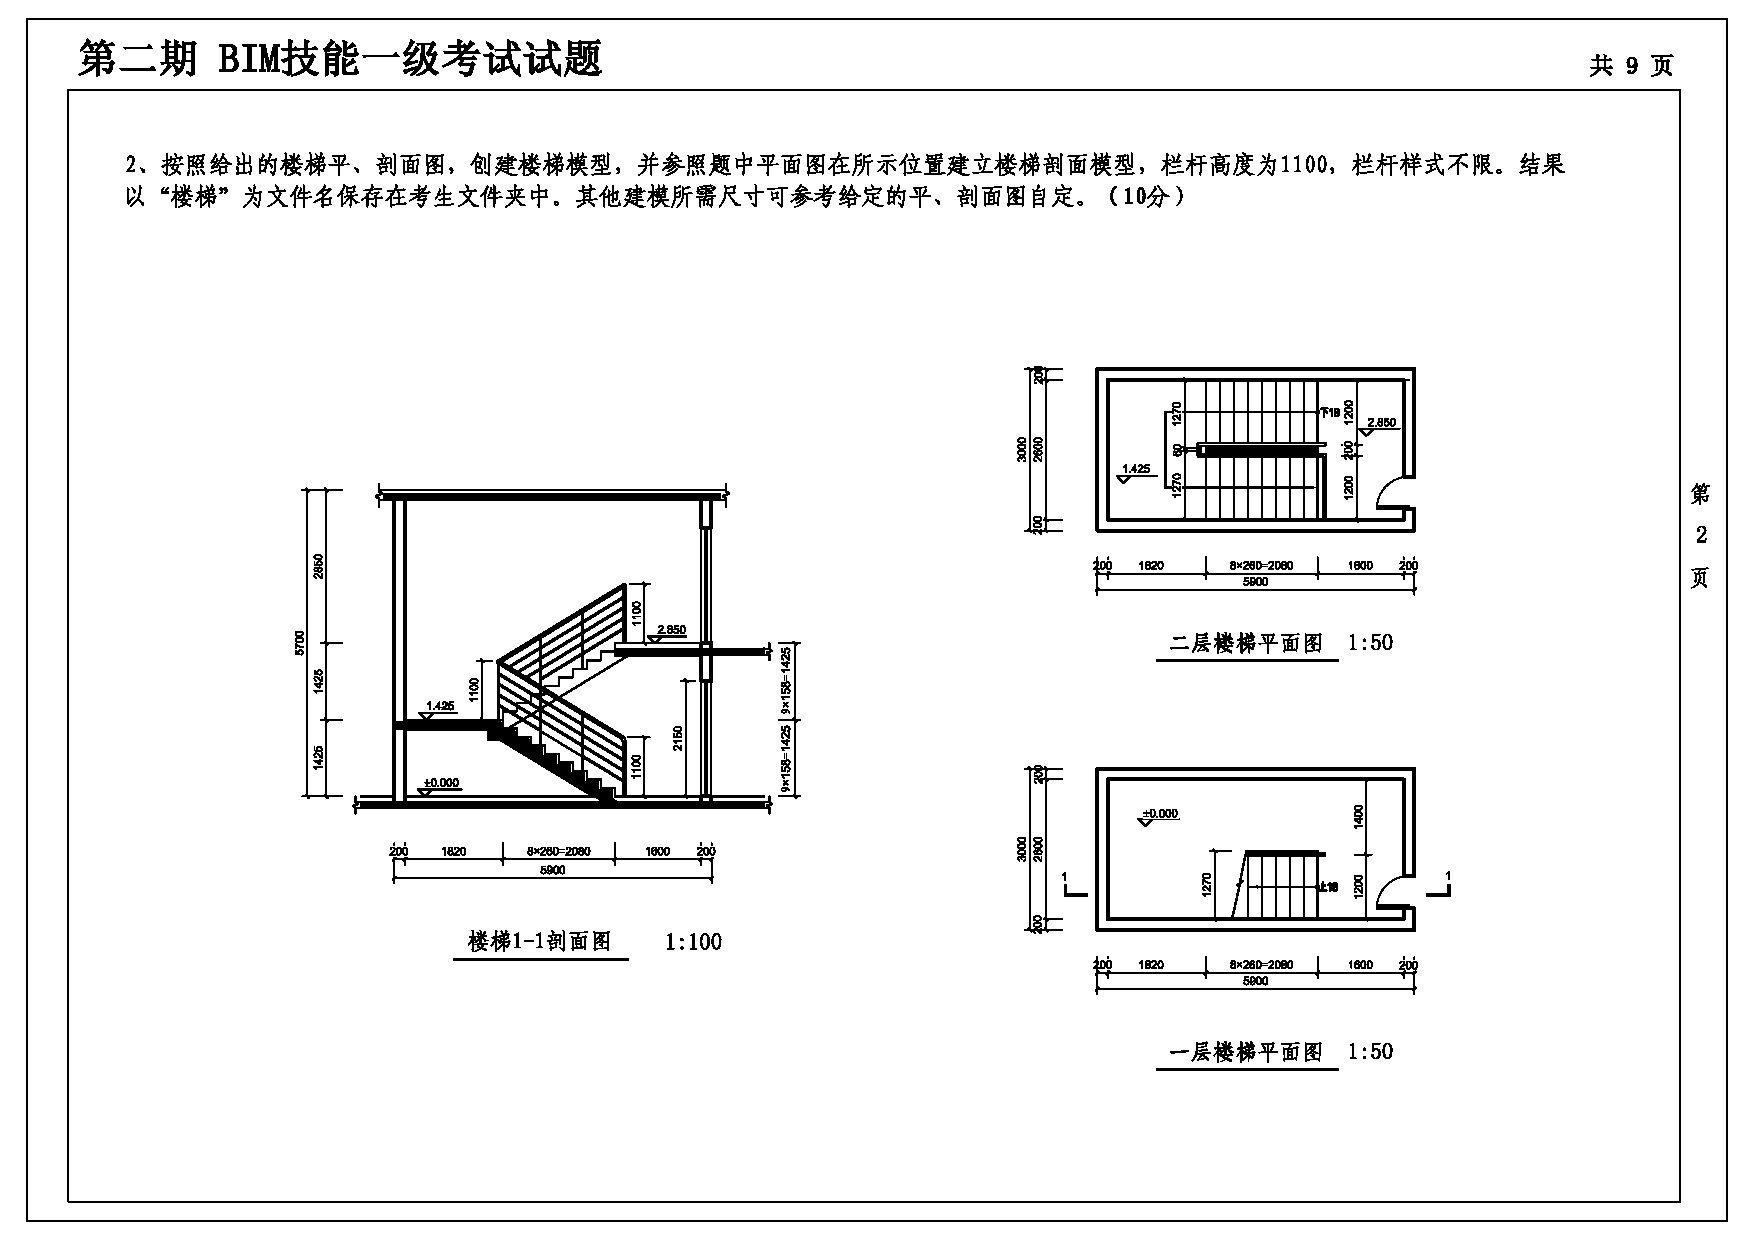 图学会第二期BIM技能等级考试一级正式题目(高清无水印版)